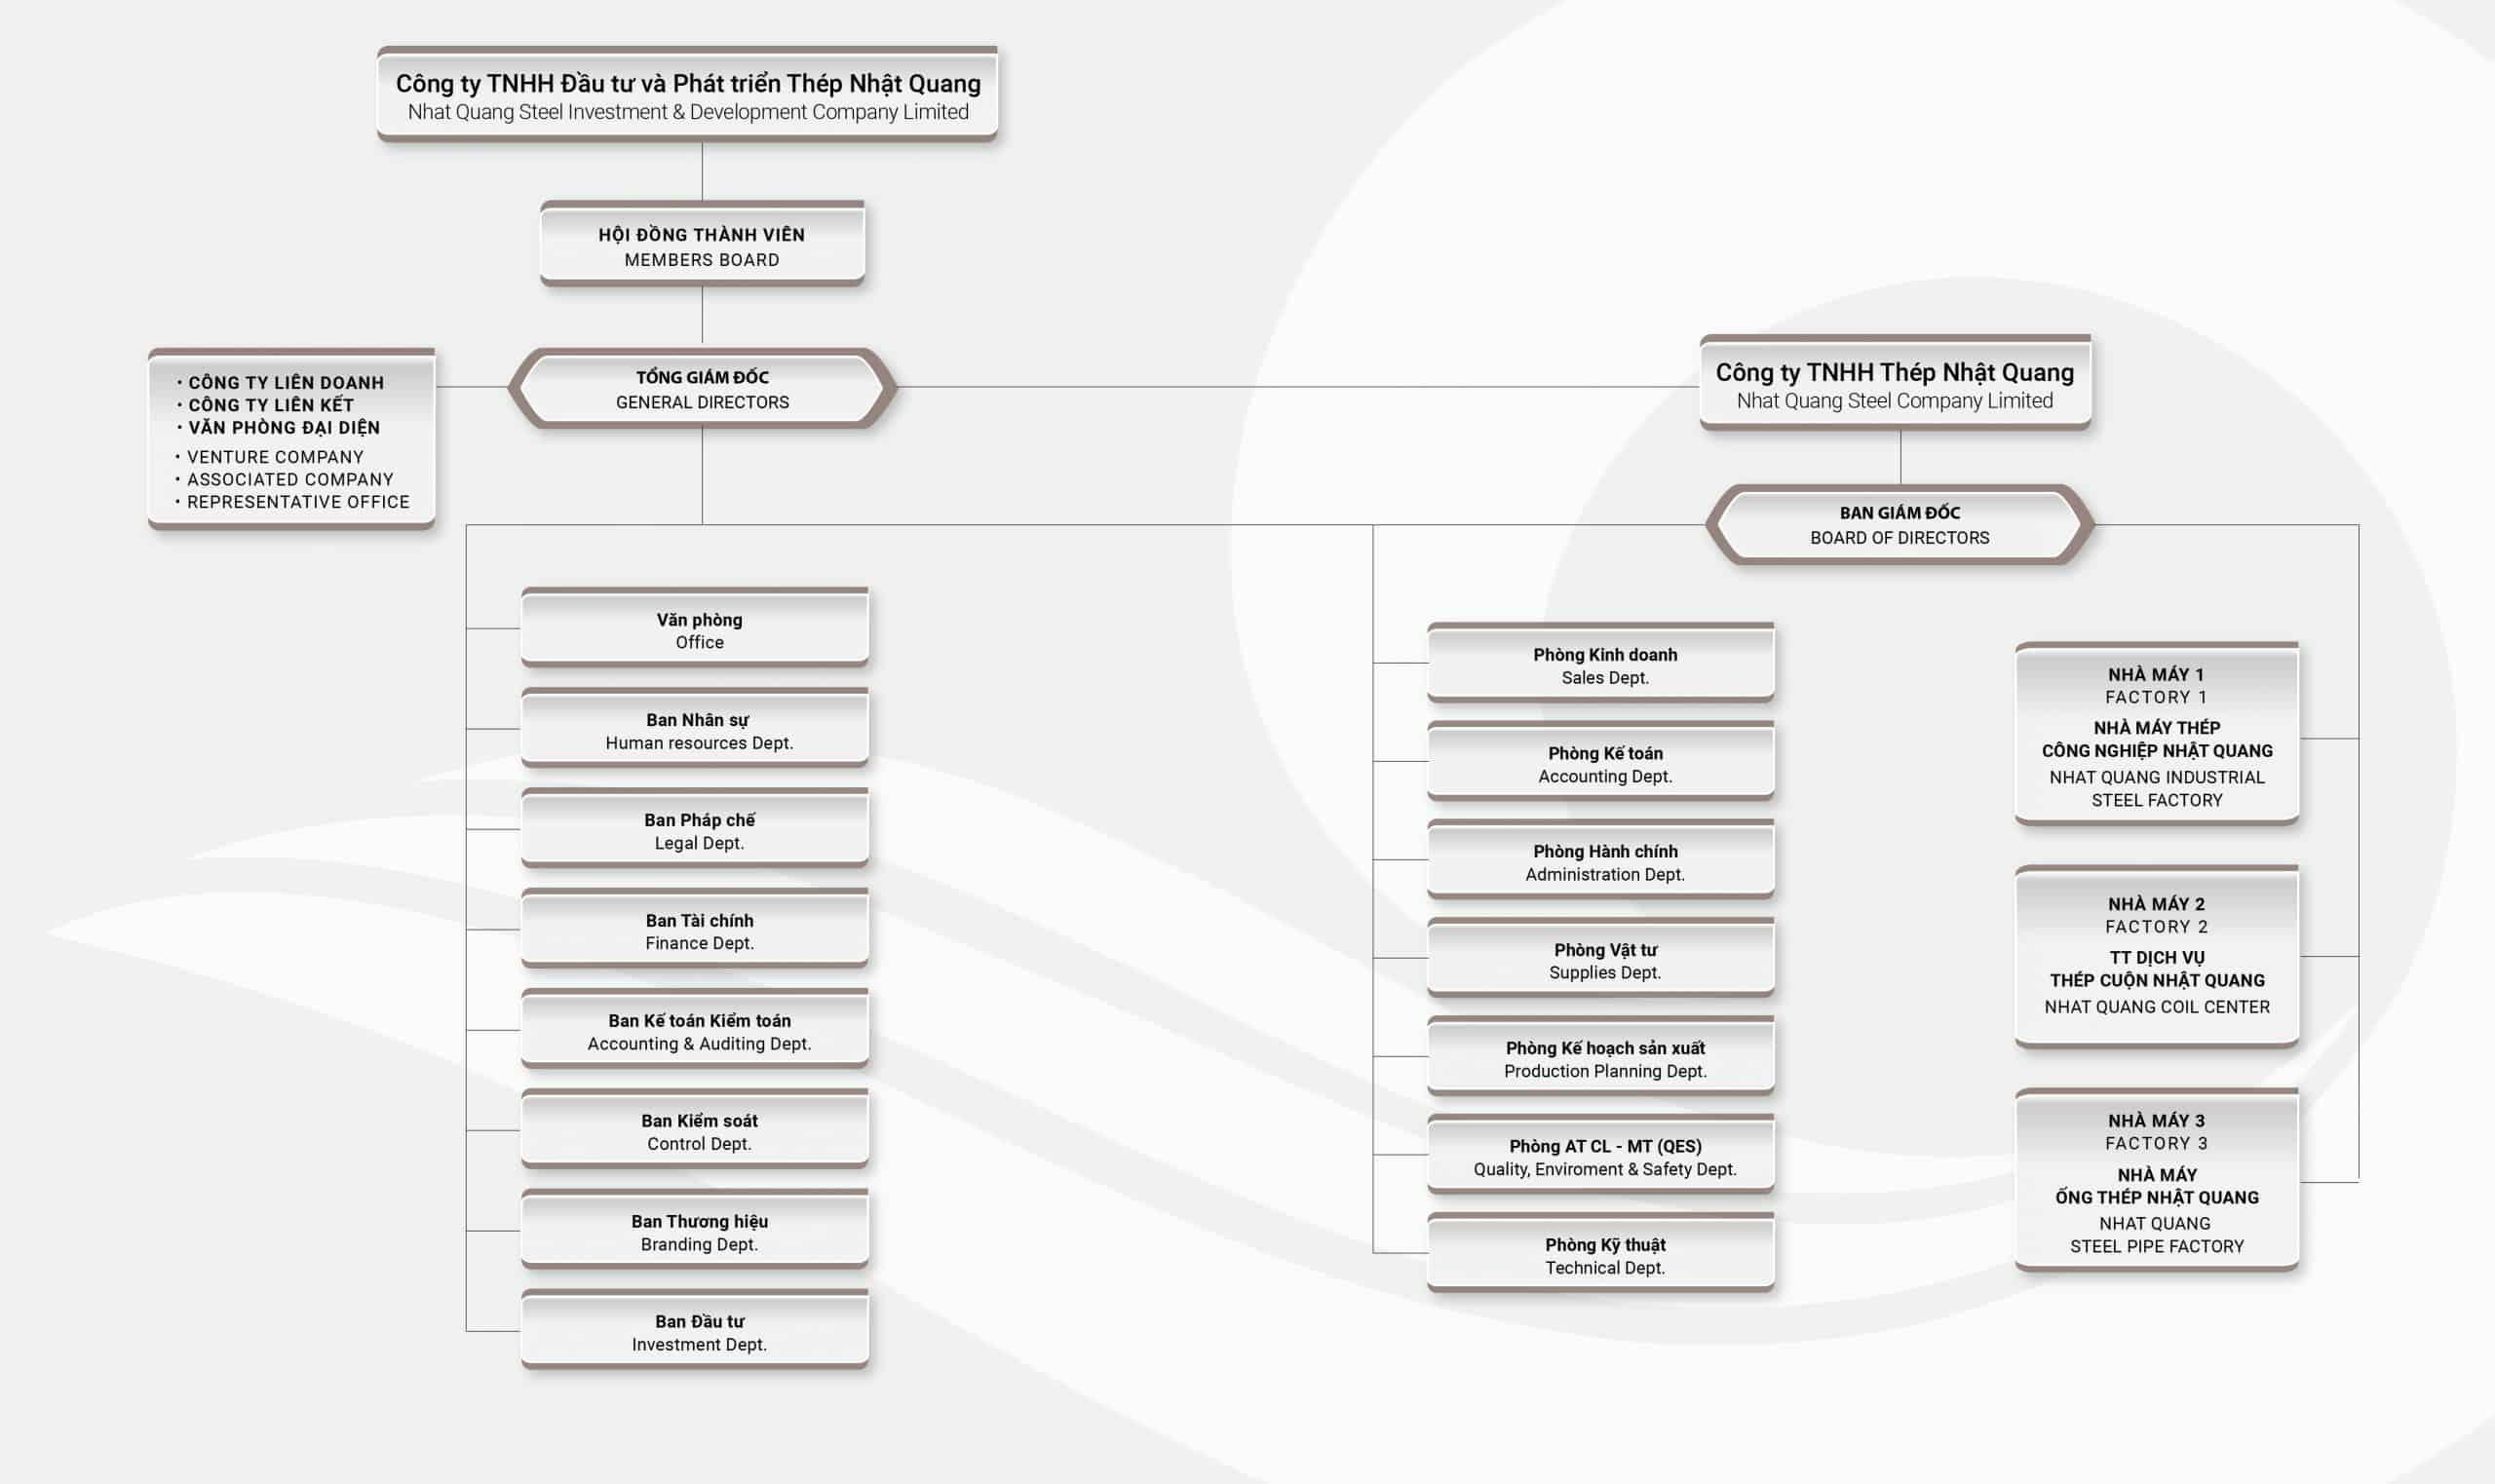 sơ đồ cơ cấu tổ chức